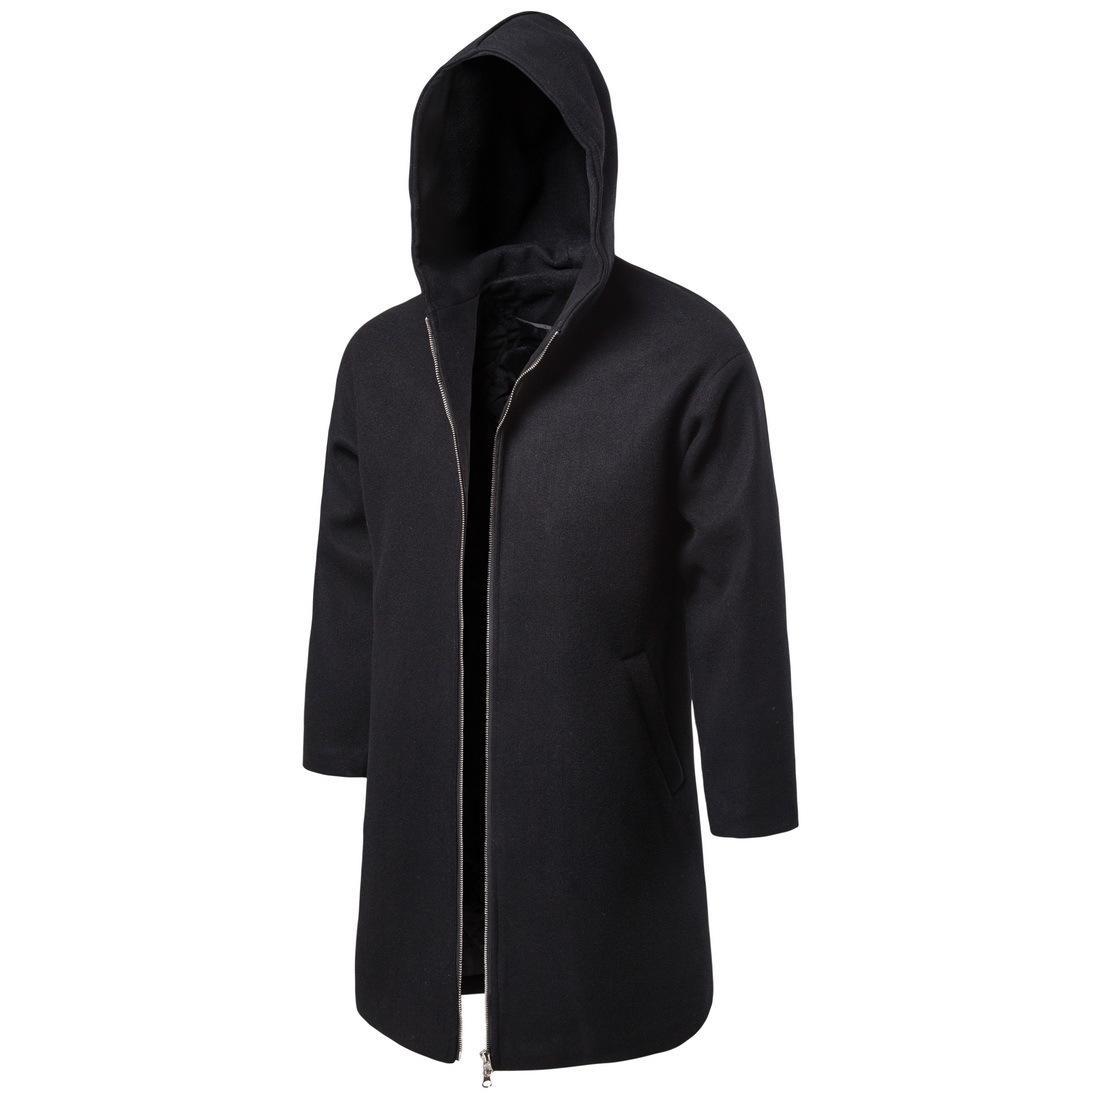 Sonbahar Kış Ortası uzunluğu Trençkot Moda Casual Katı Renk Yün Palto Kabanlar Yf11